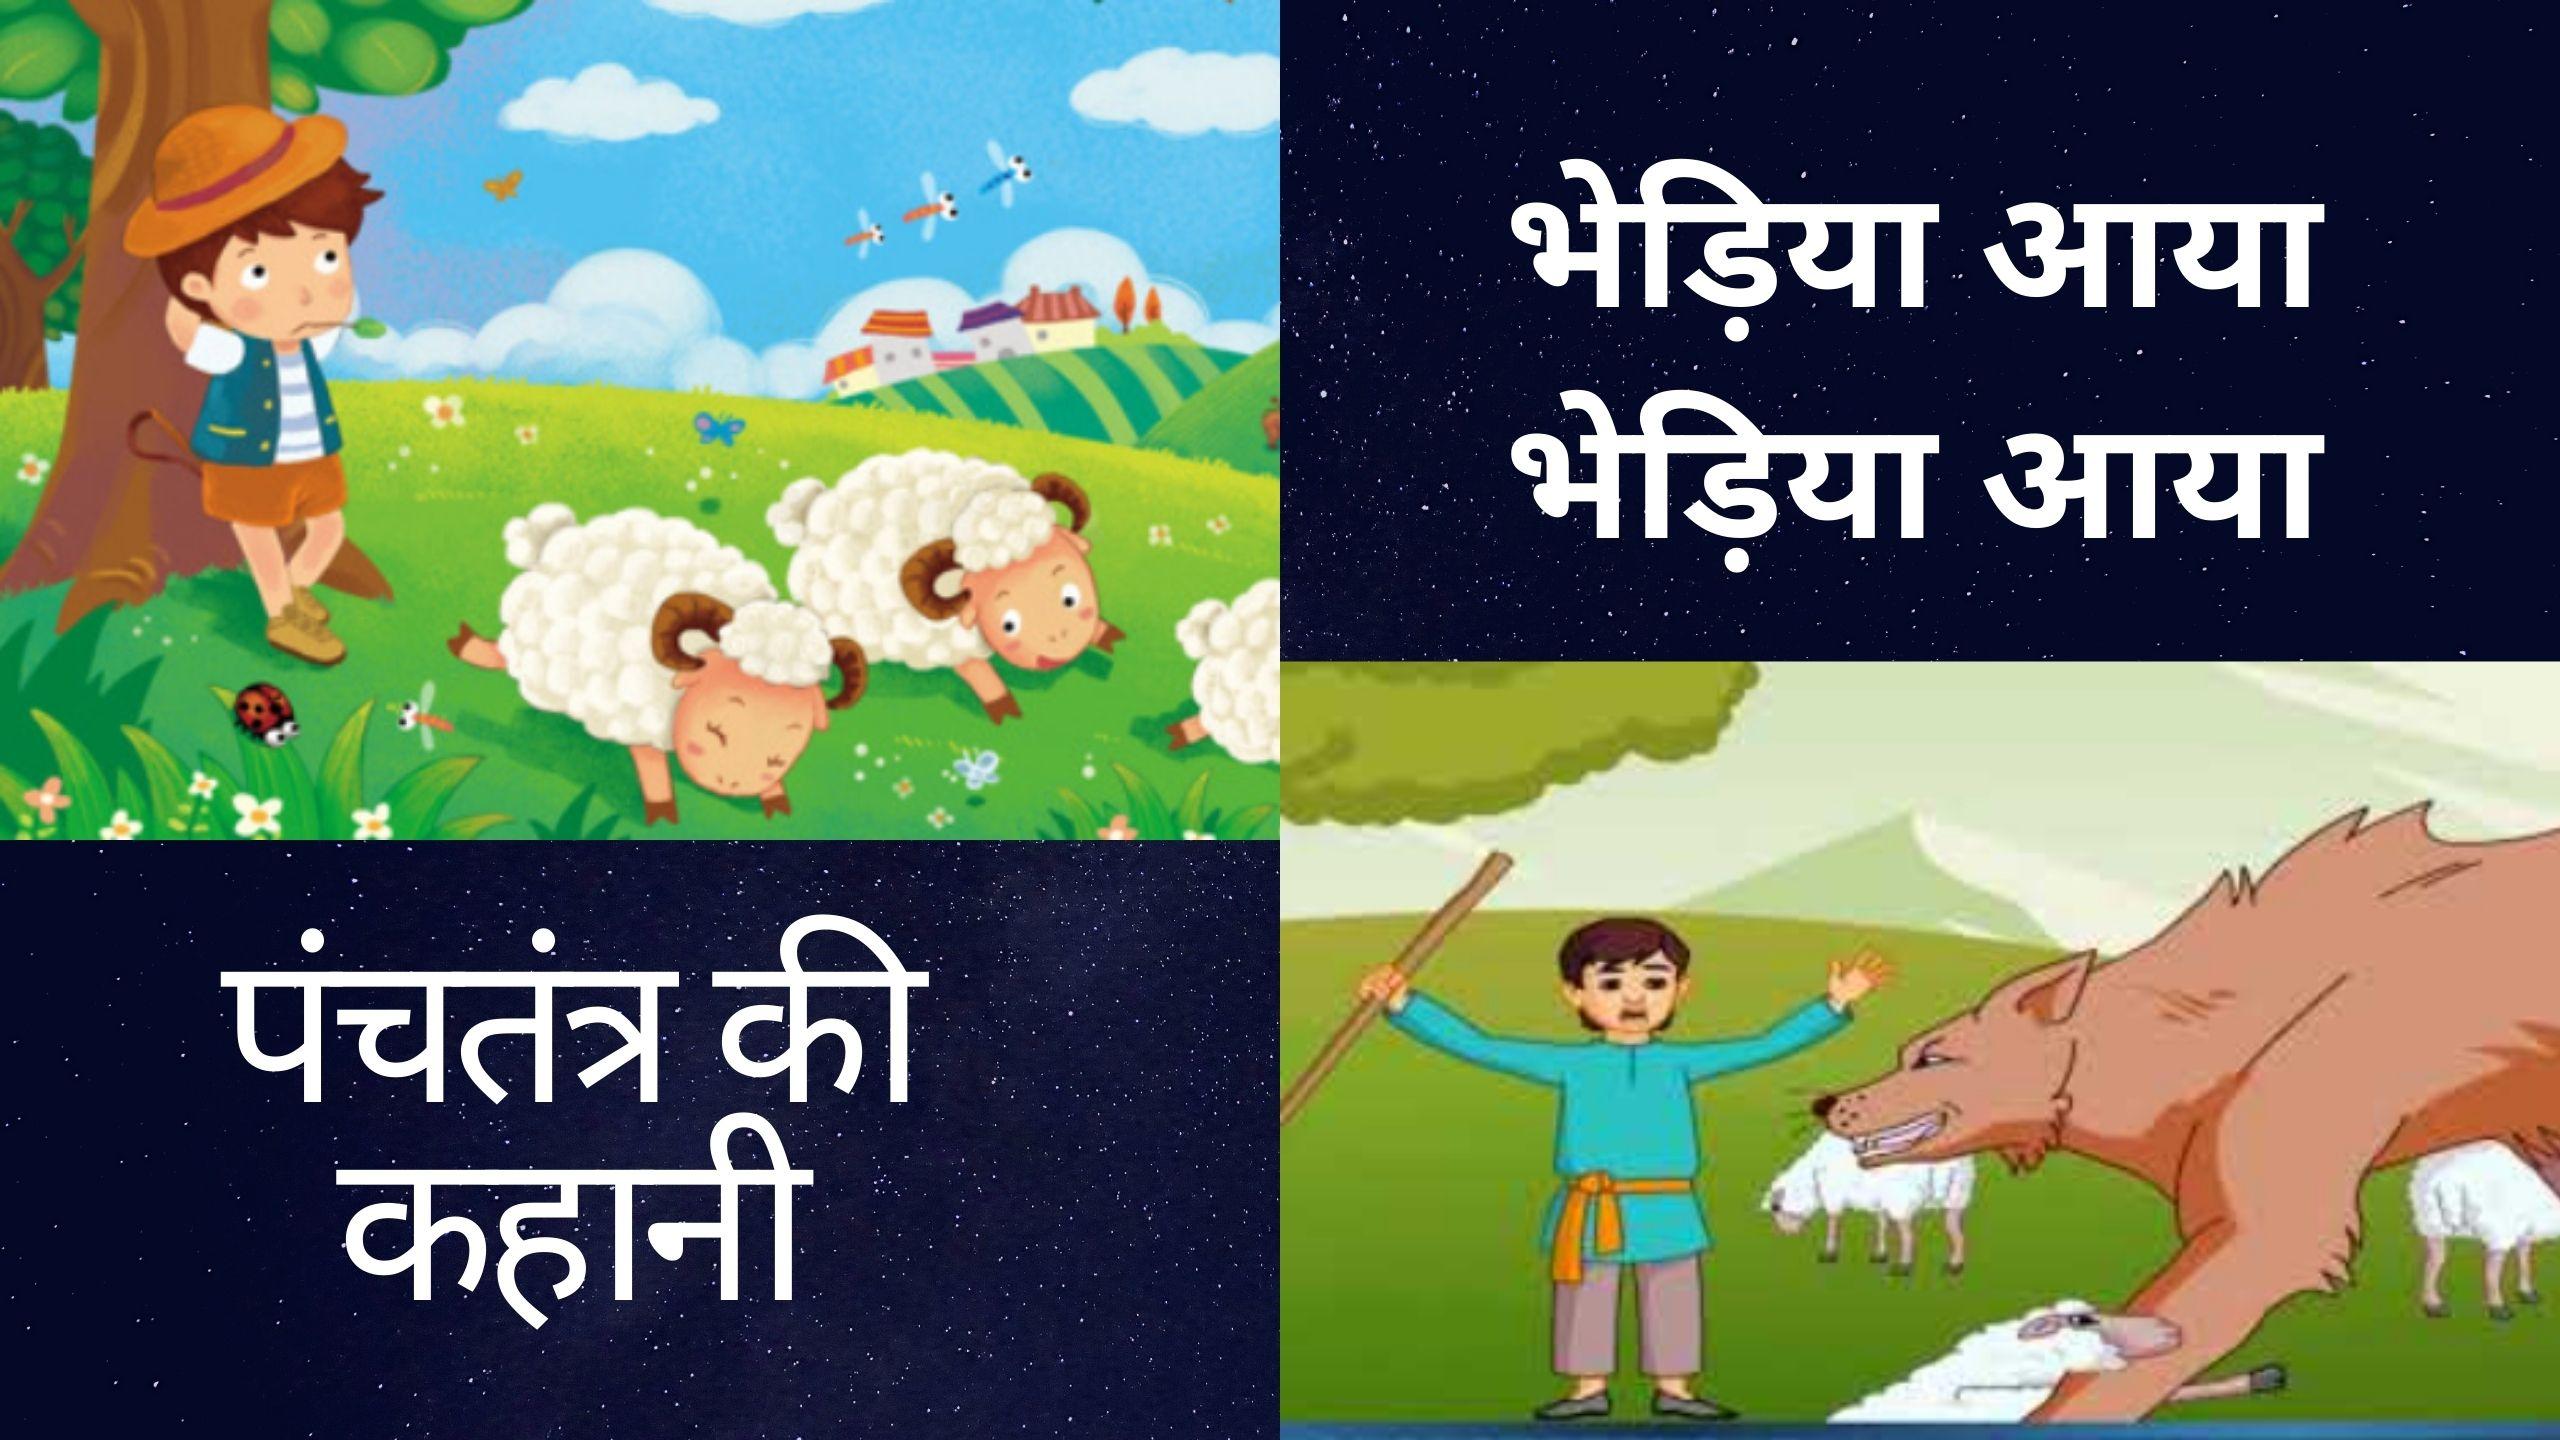 Bhediya Aaya Bhediya Aaya